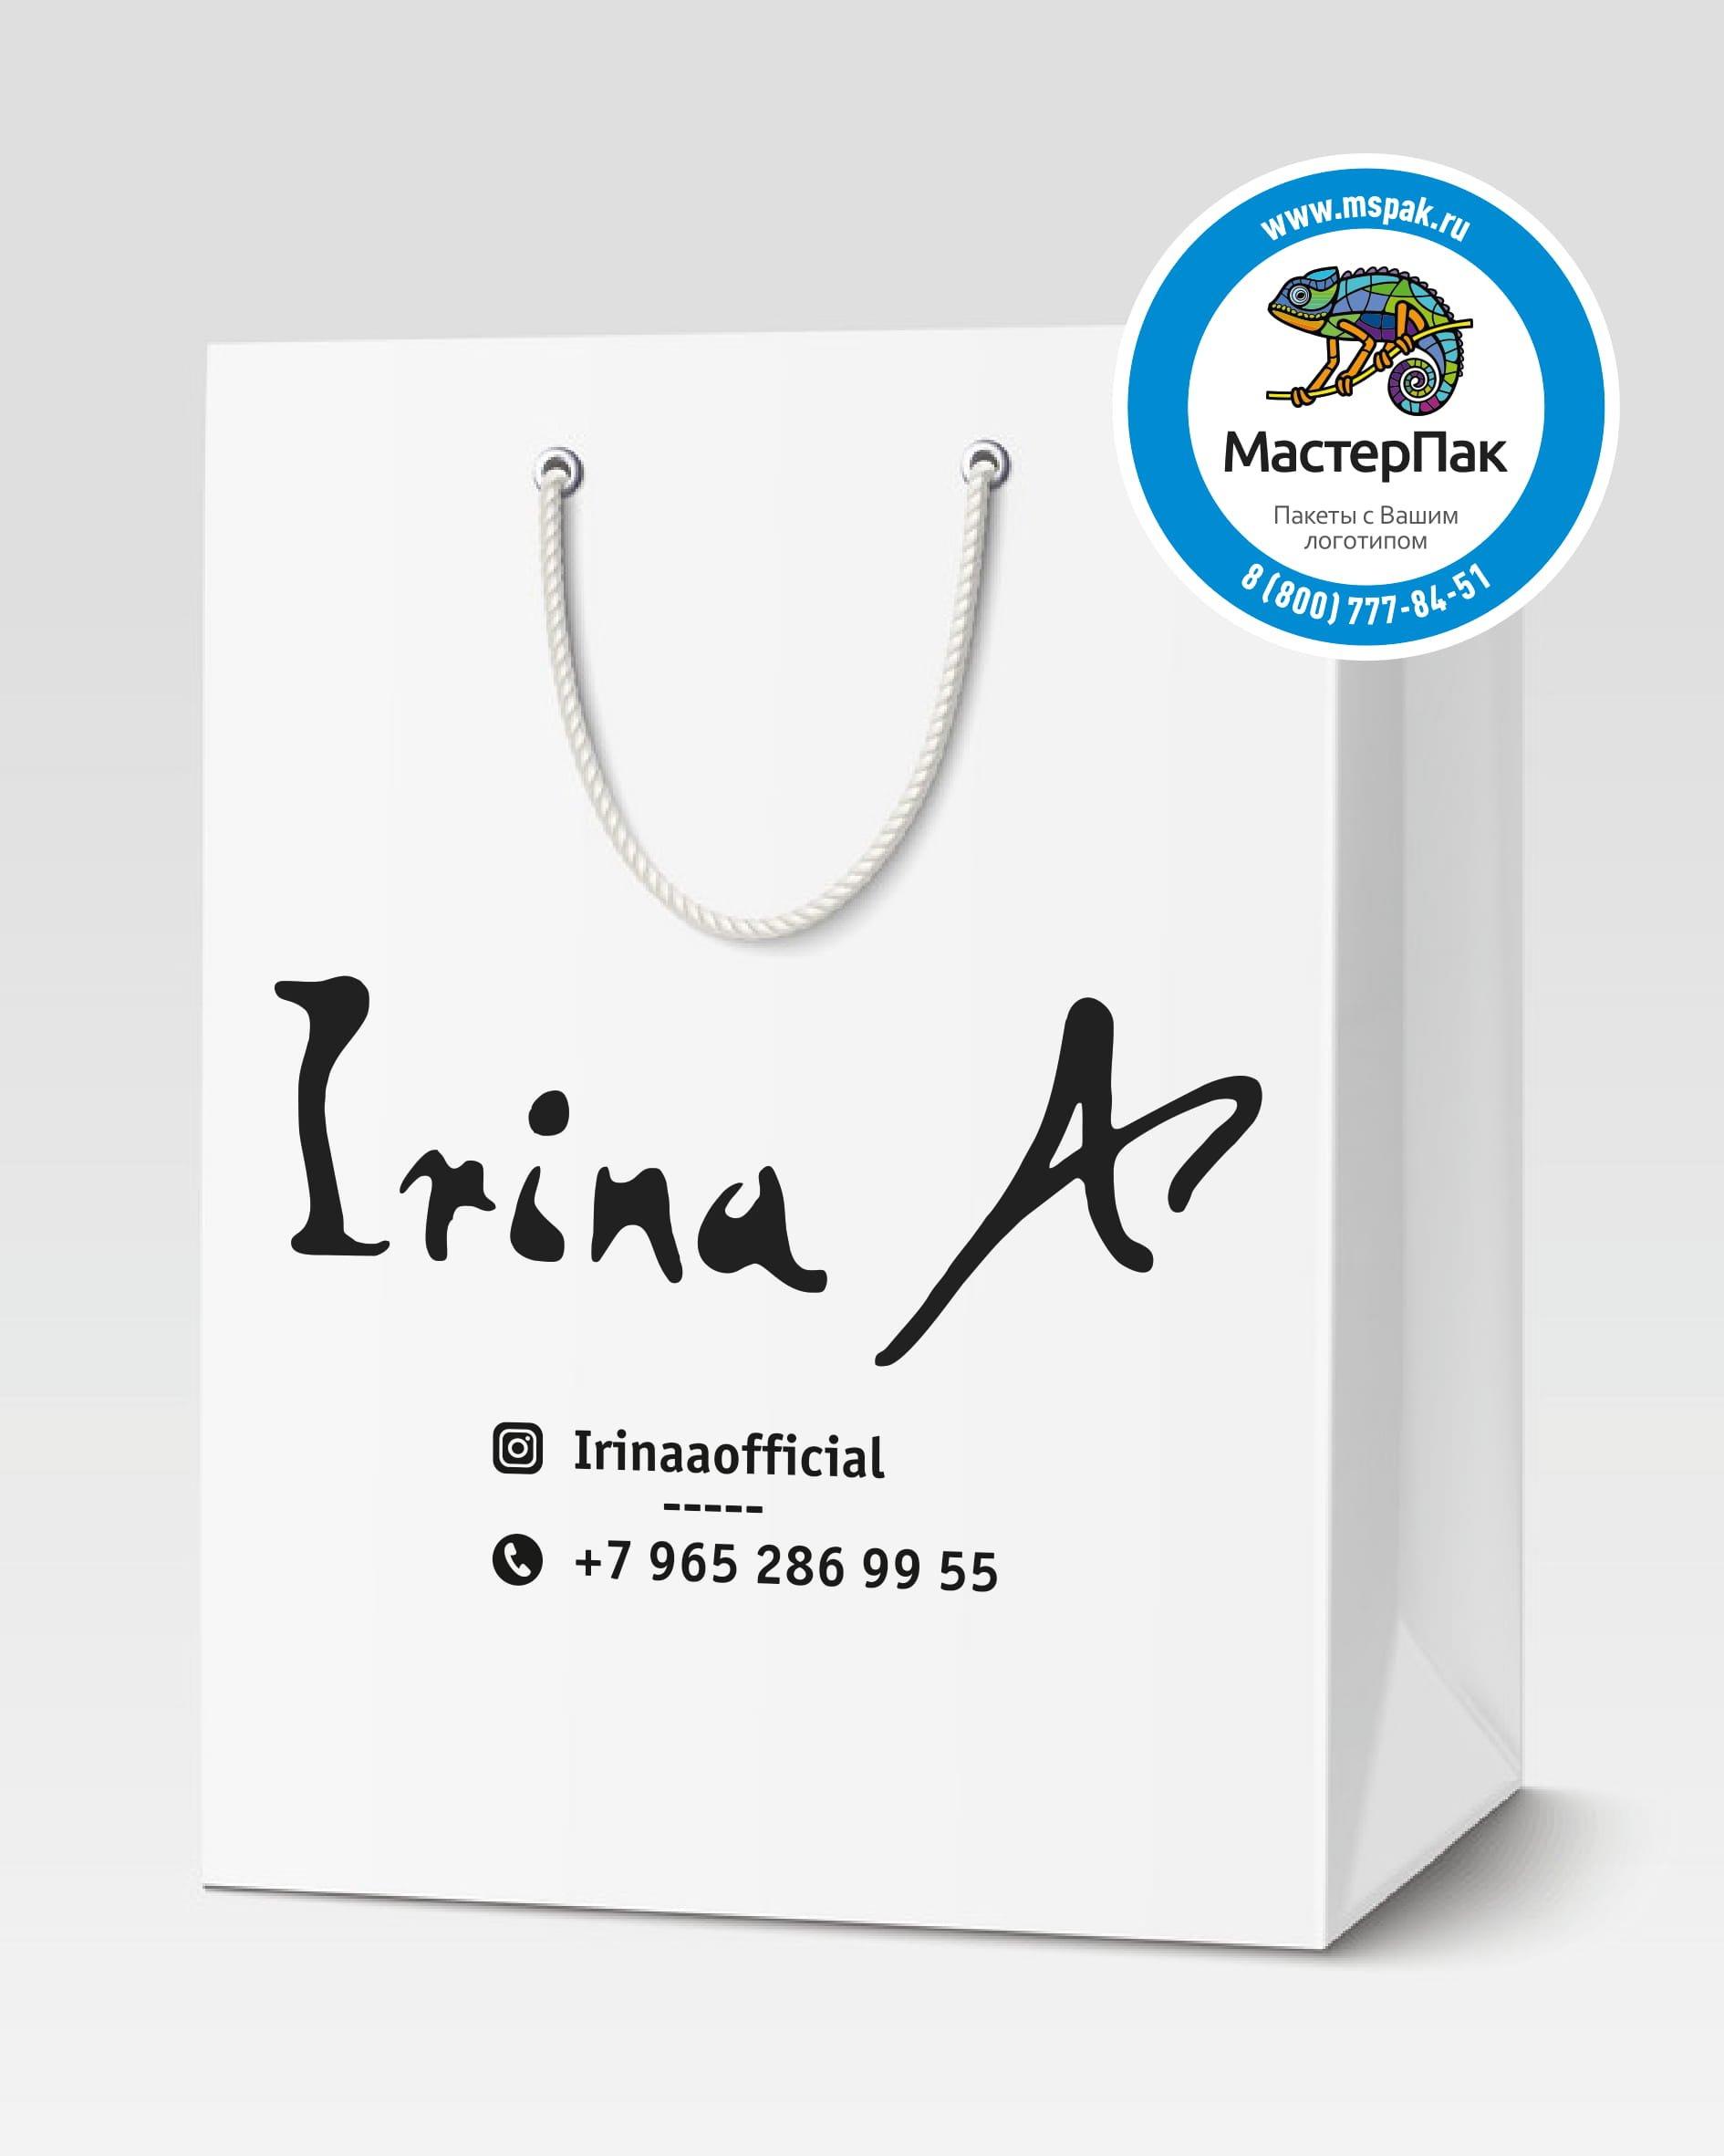 Пакет подарочный, бумажный с логотипом Irina A, Москва, 30*40, люверсы